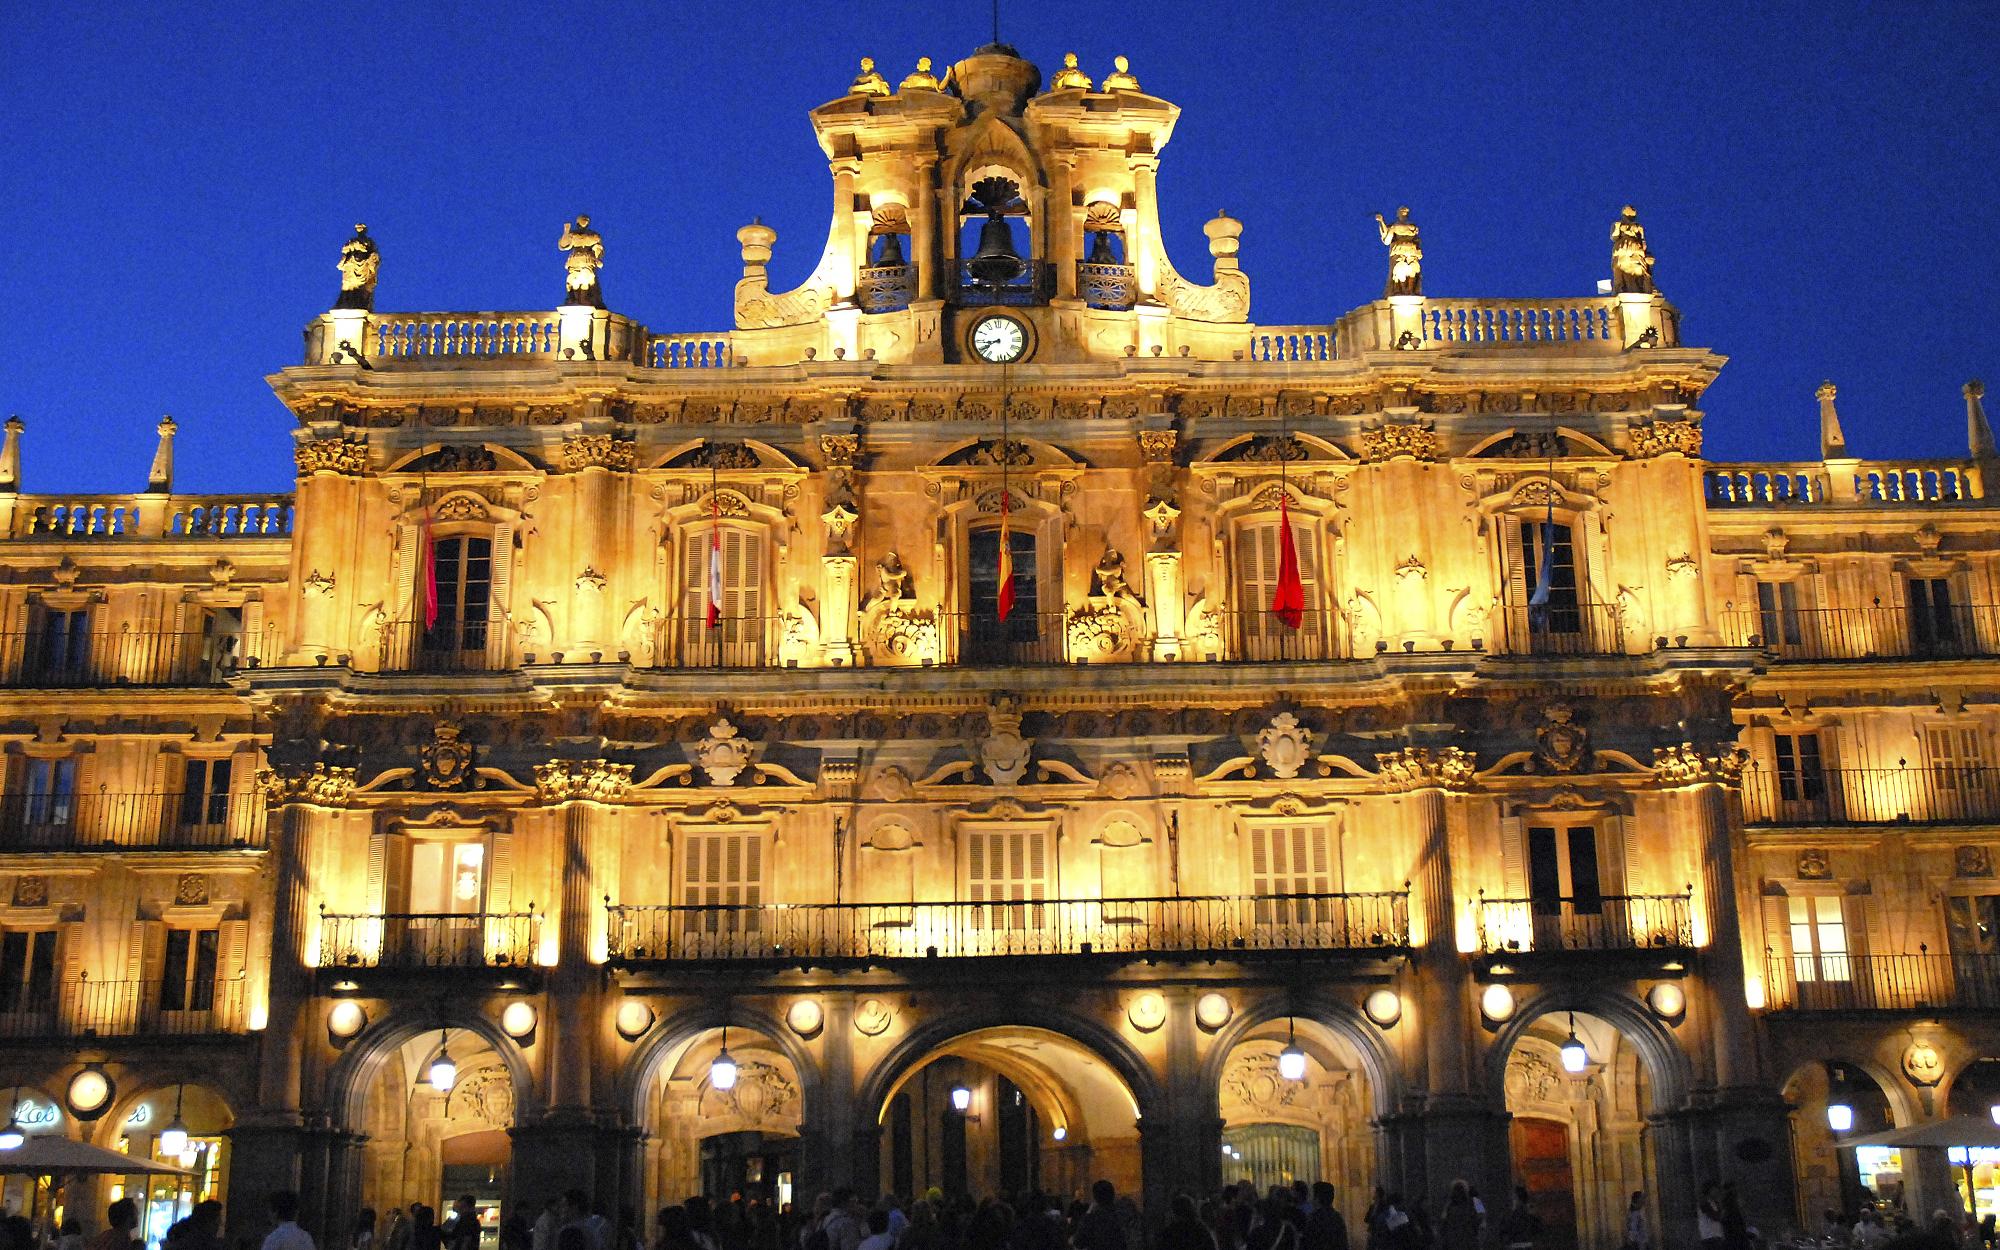 Ayuntamiento de Salamanca ©Aly Jentges